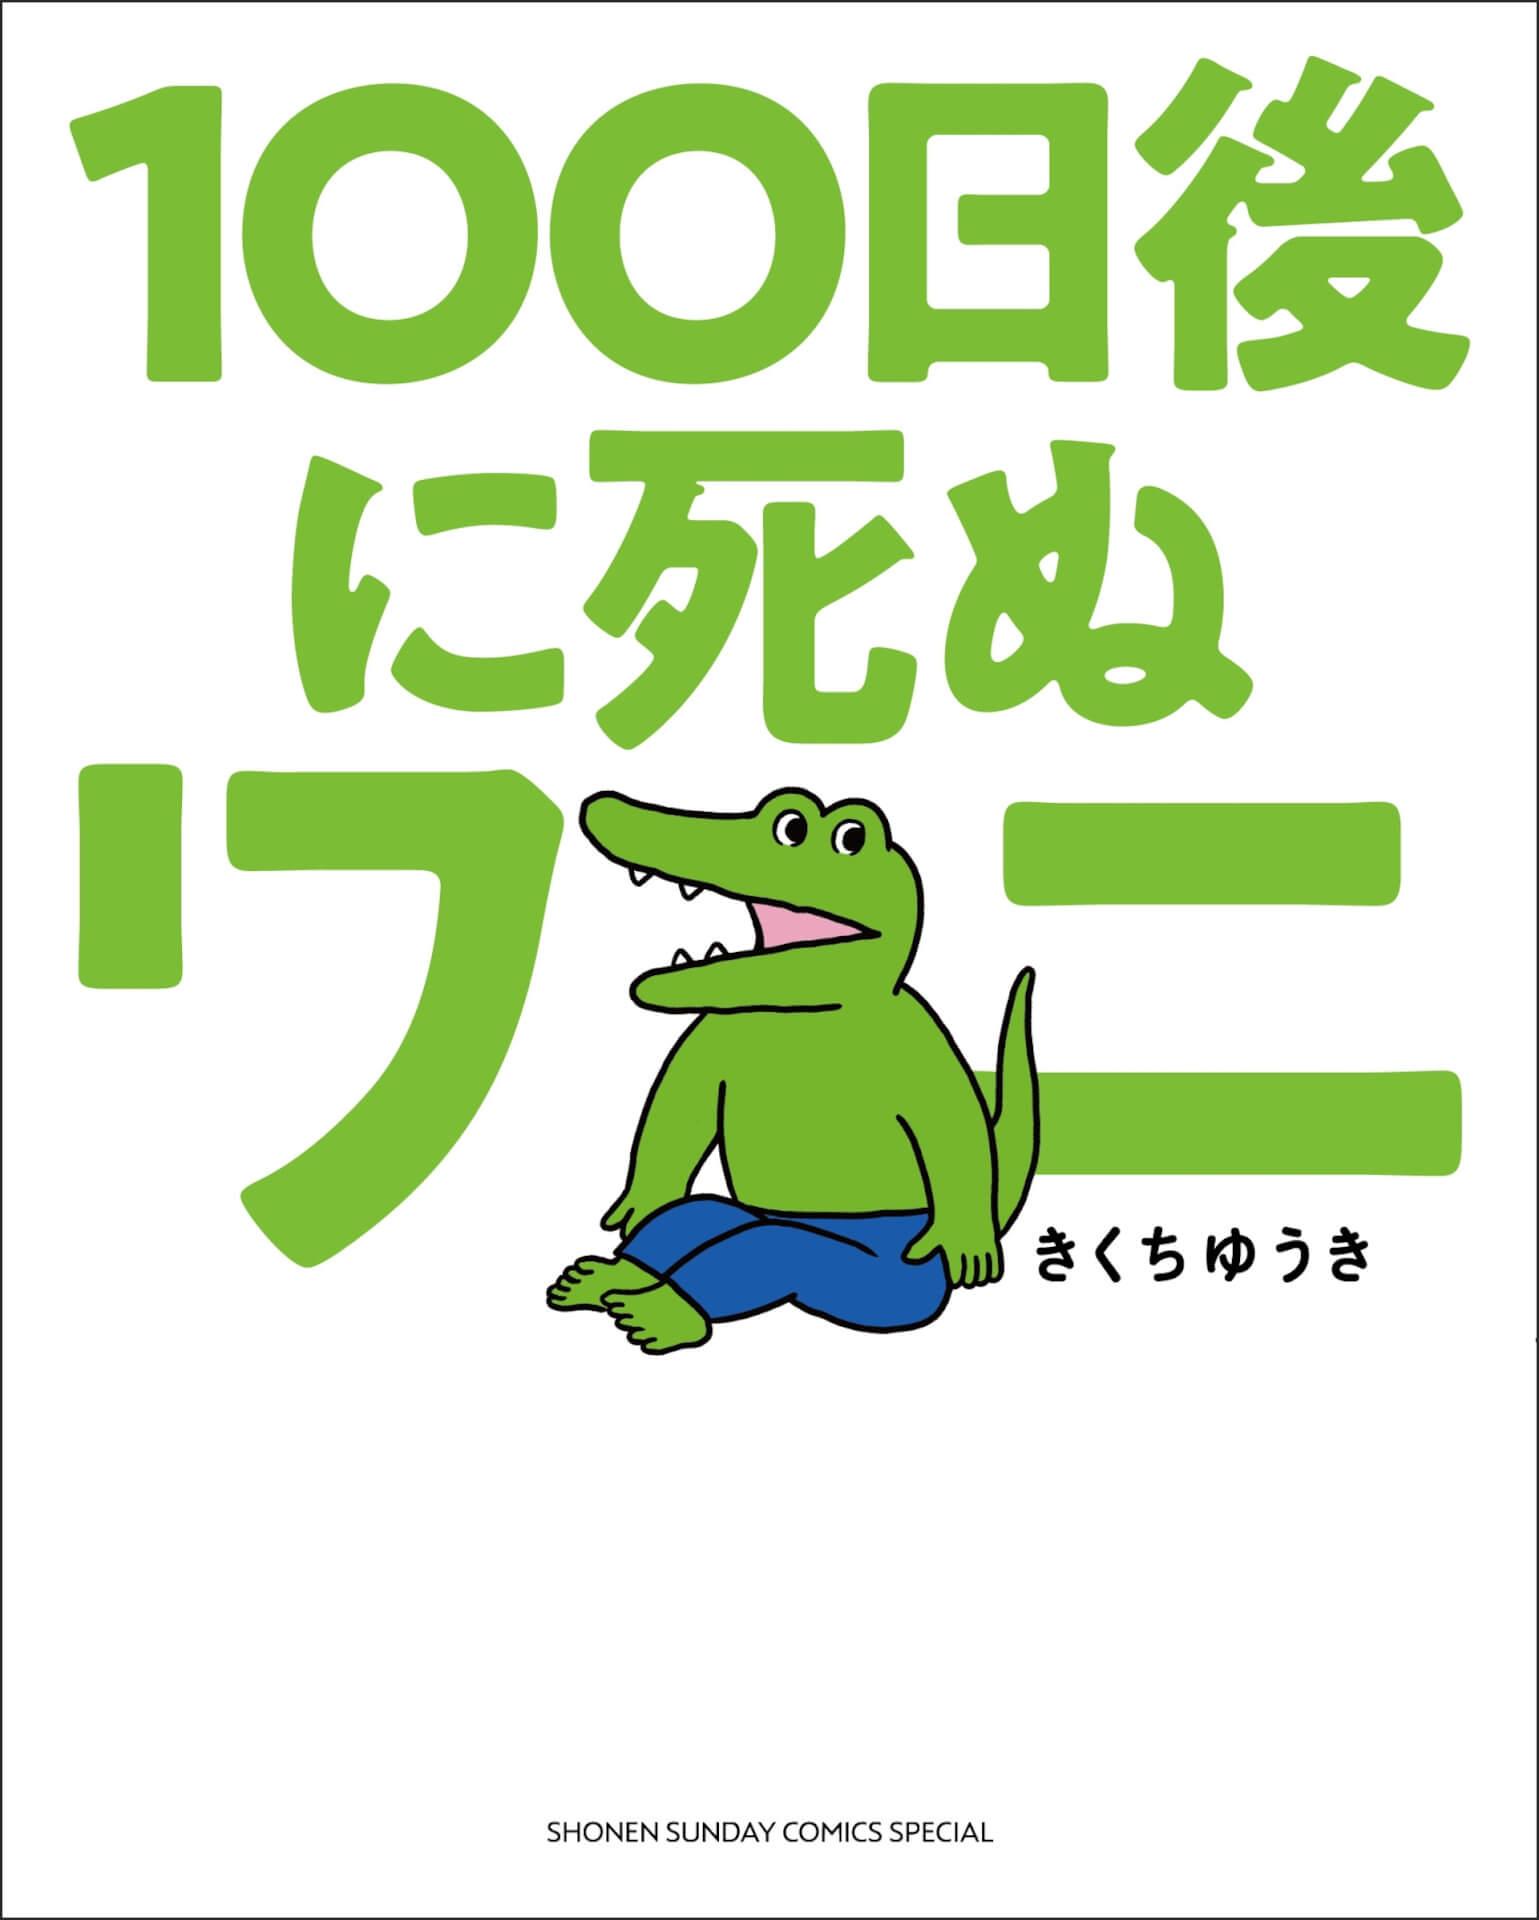 『100日後に死ぬワニ』の単行本がついに発売!0日目、後日譚などの描き下ろしも収録 art200408_100wani_4